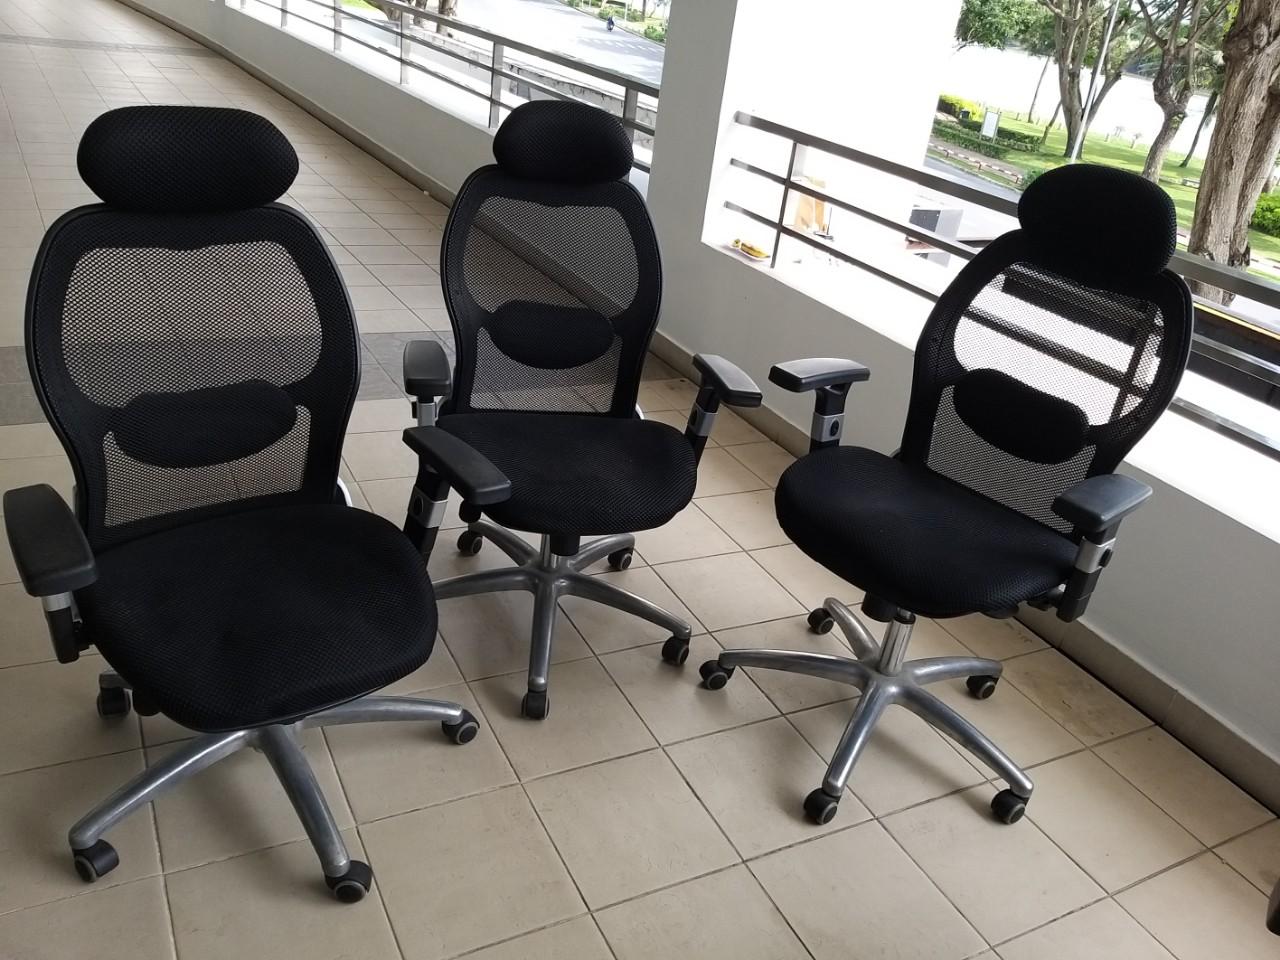 ghế xoay thanh lý giá rẻ tại TPHCM